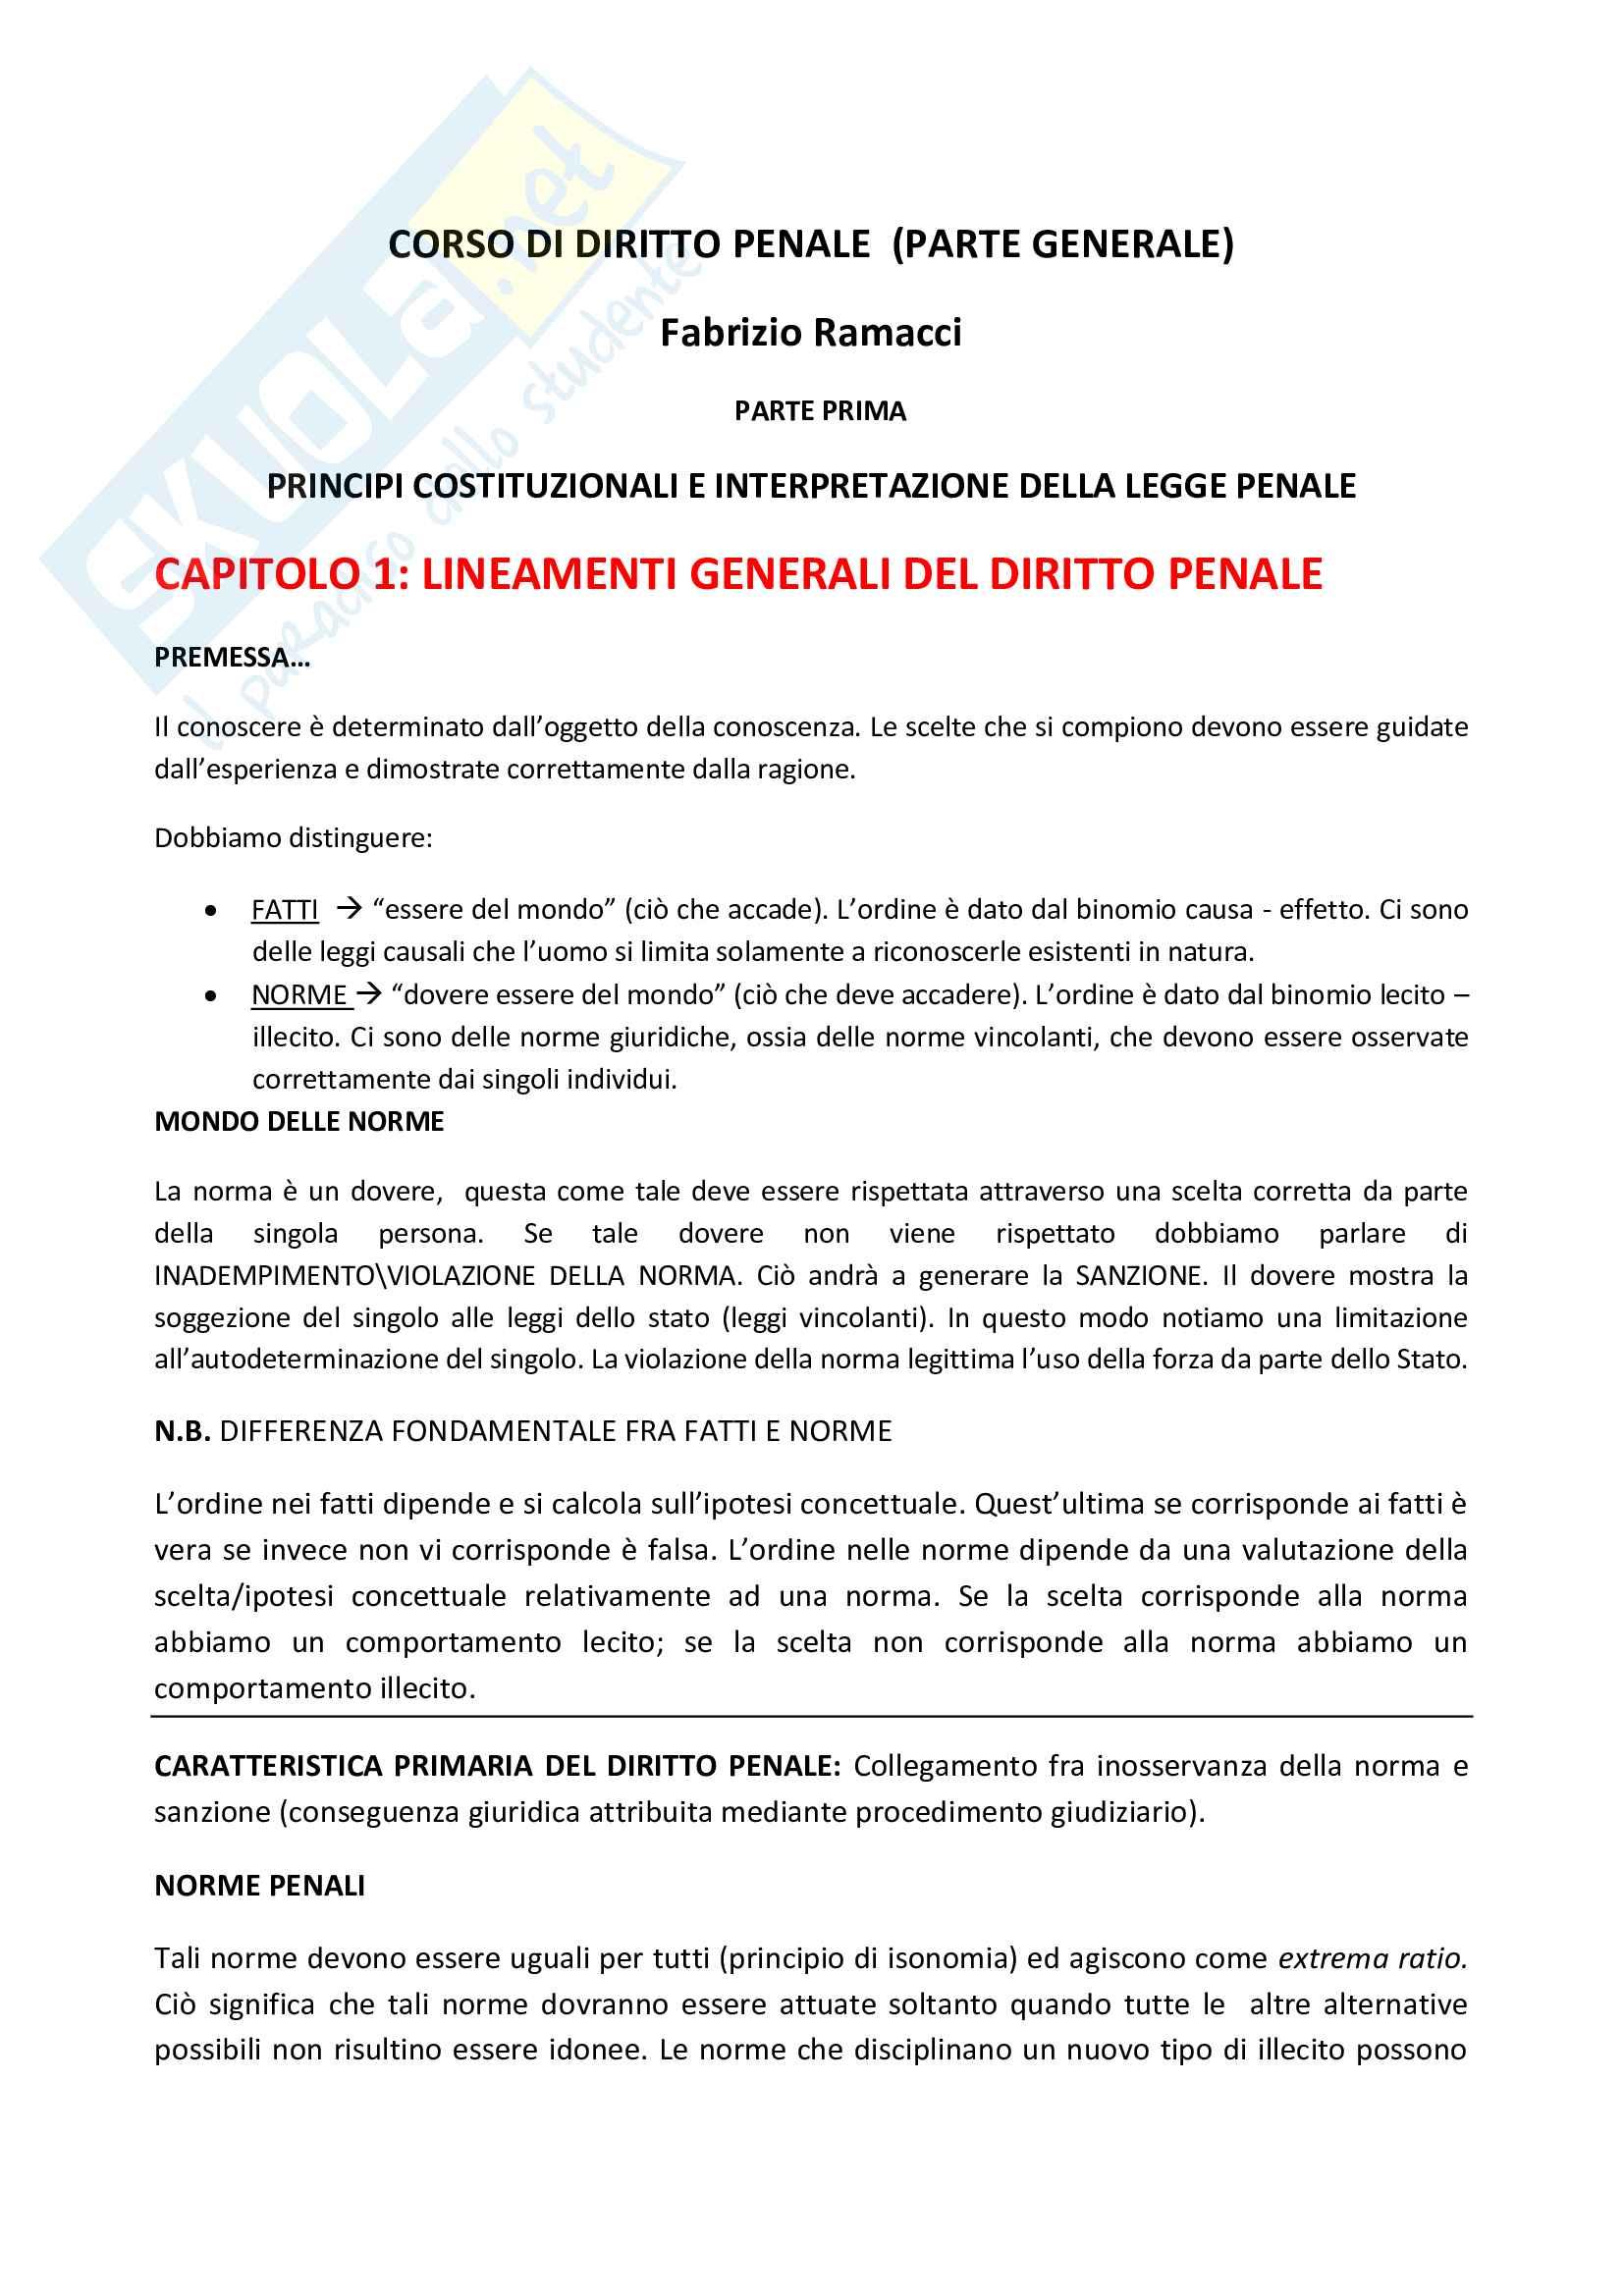 Riassunto esame Diritto penale parte generale, prof. Fiorella, libro consigliato Corso di diritto penale ( parte generale ), Ramacci